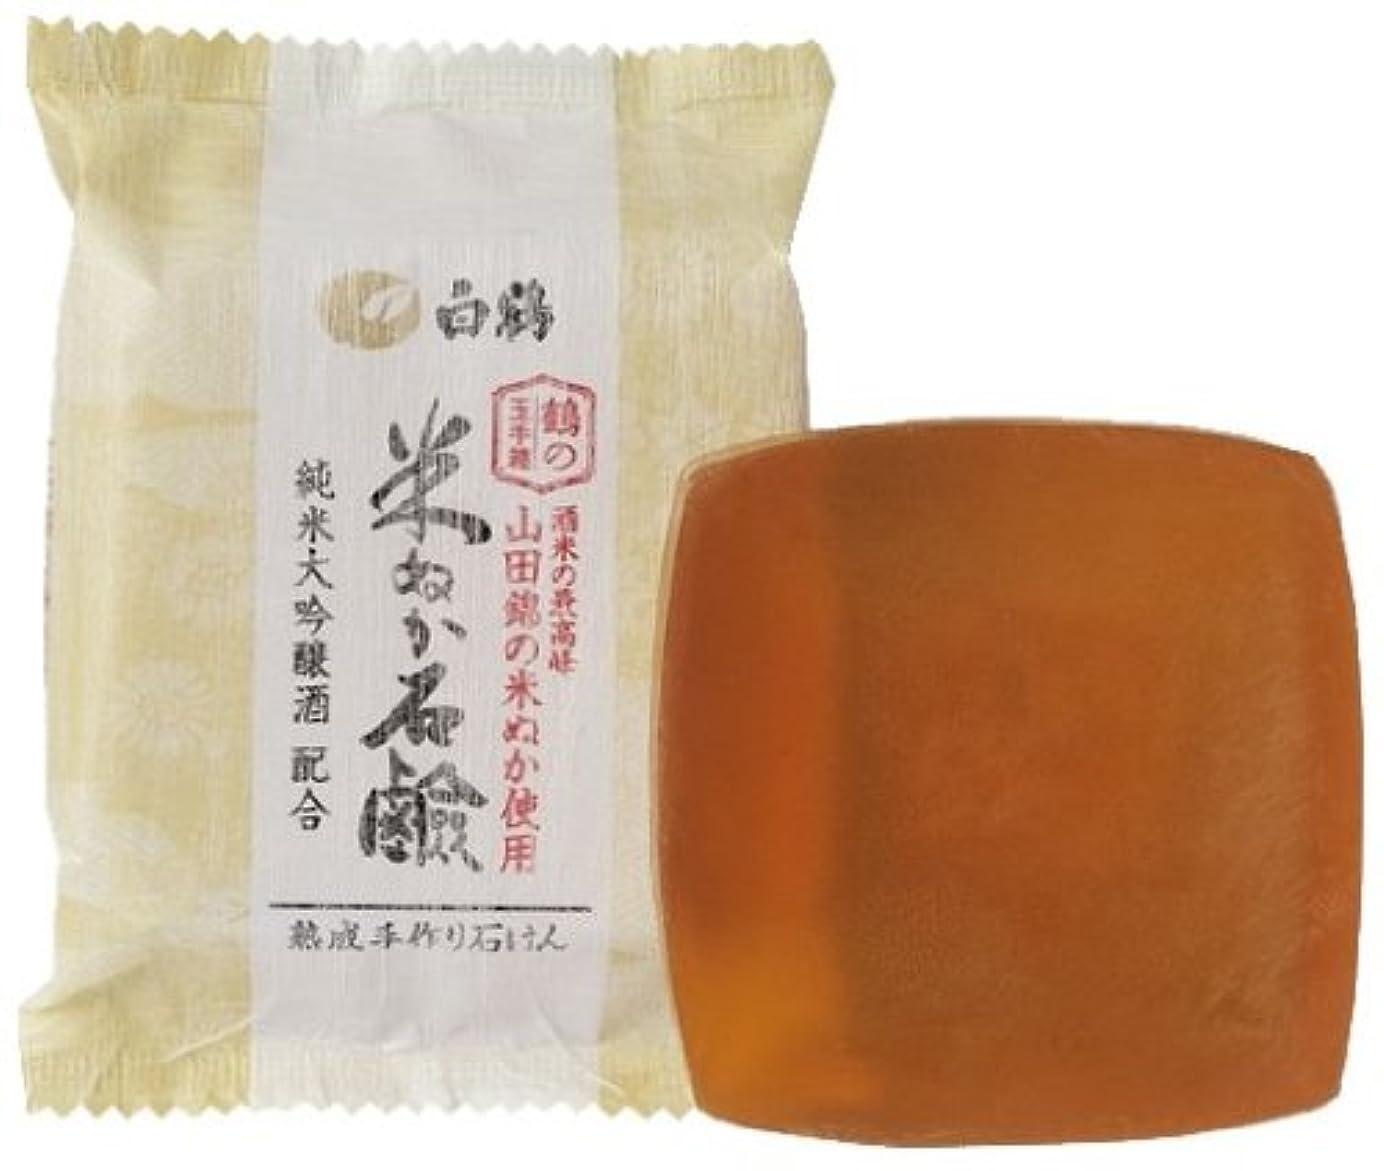 リンク誤解するシットコム白鶴 鶴の玉手箱 米ぬか石けん 100g (全身用石鹸)